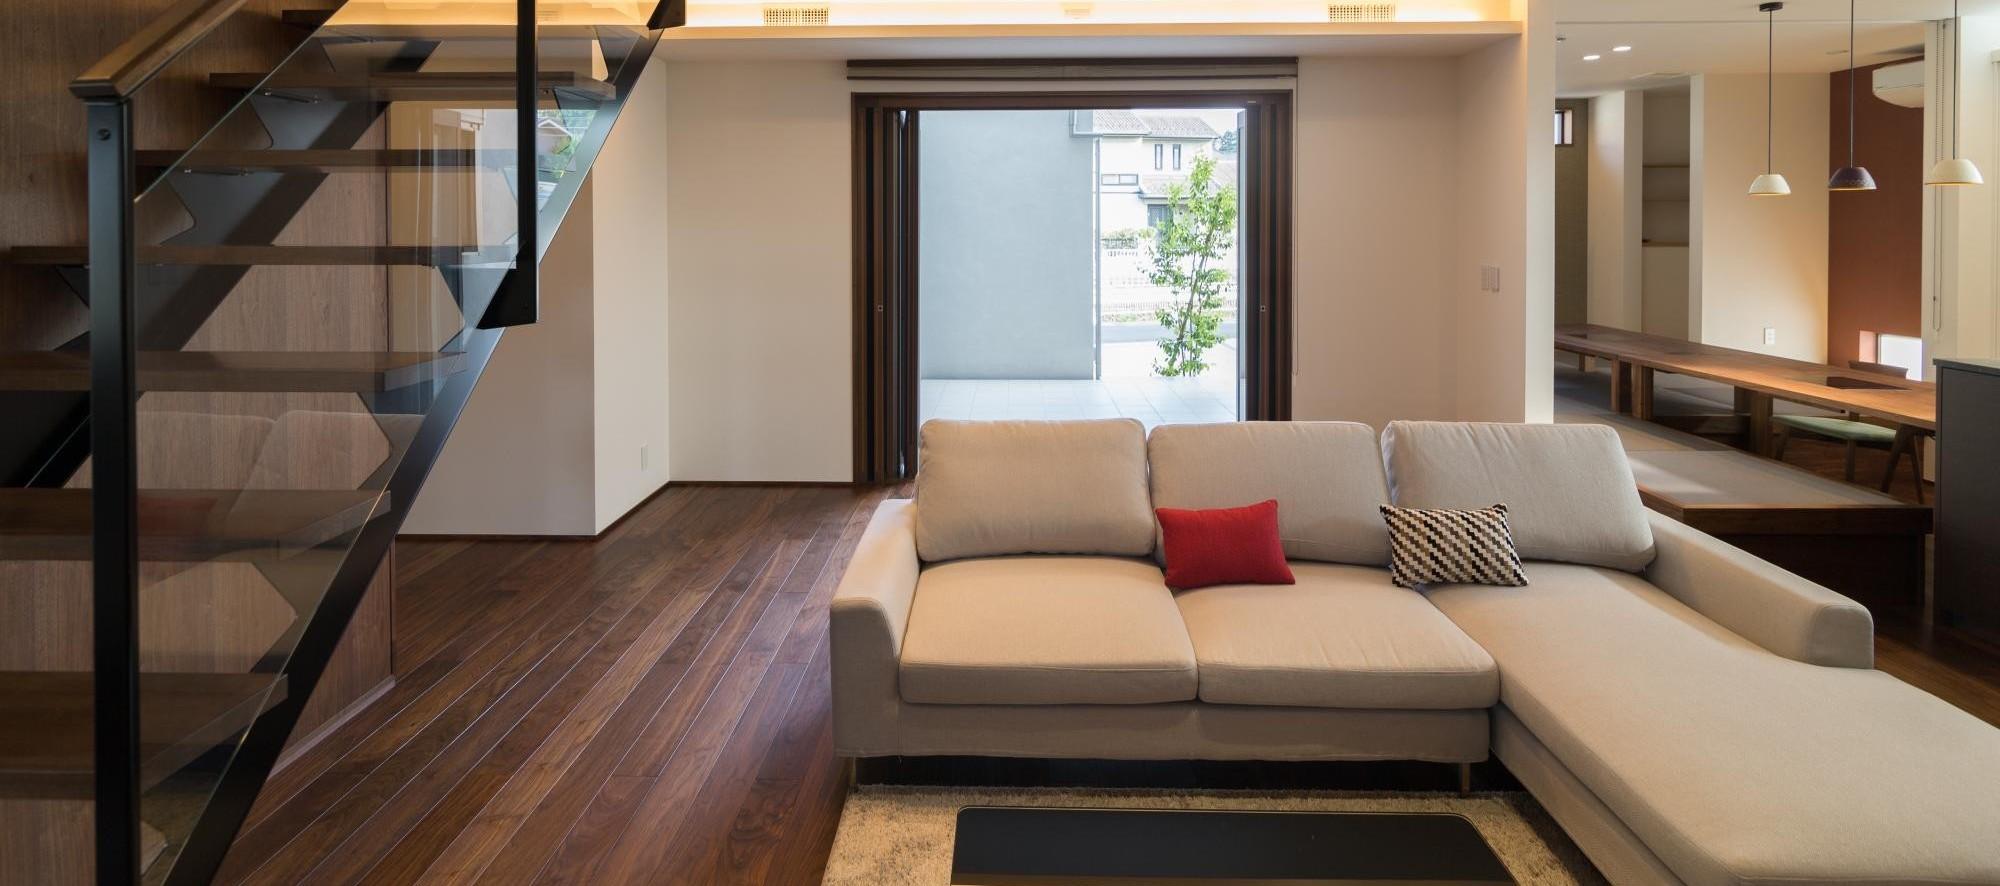 住人百色の家 それぞれの家族のライフスタイルや未来に向き合い、快適が長く続き、安心で 暮らしやすく居心地の良い家族想いの住宅を提案します。